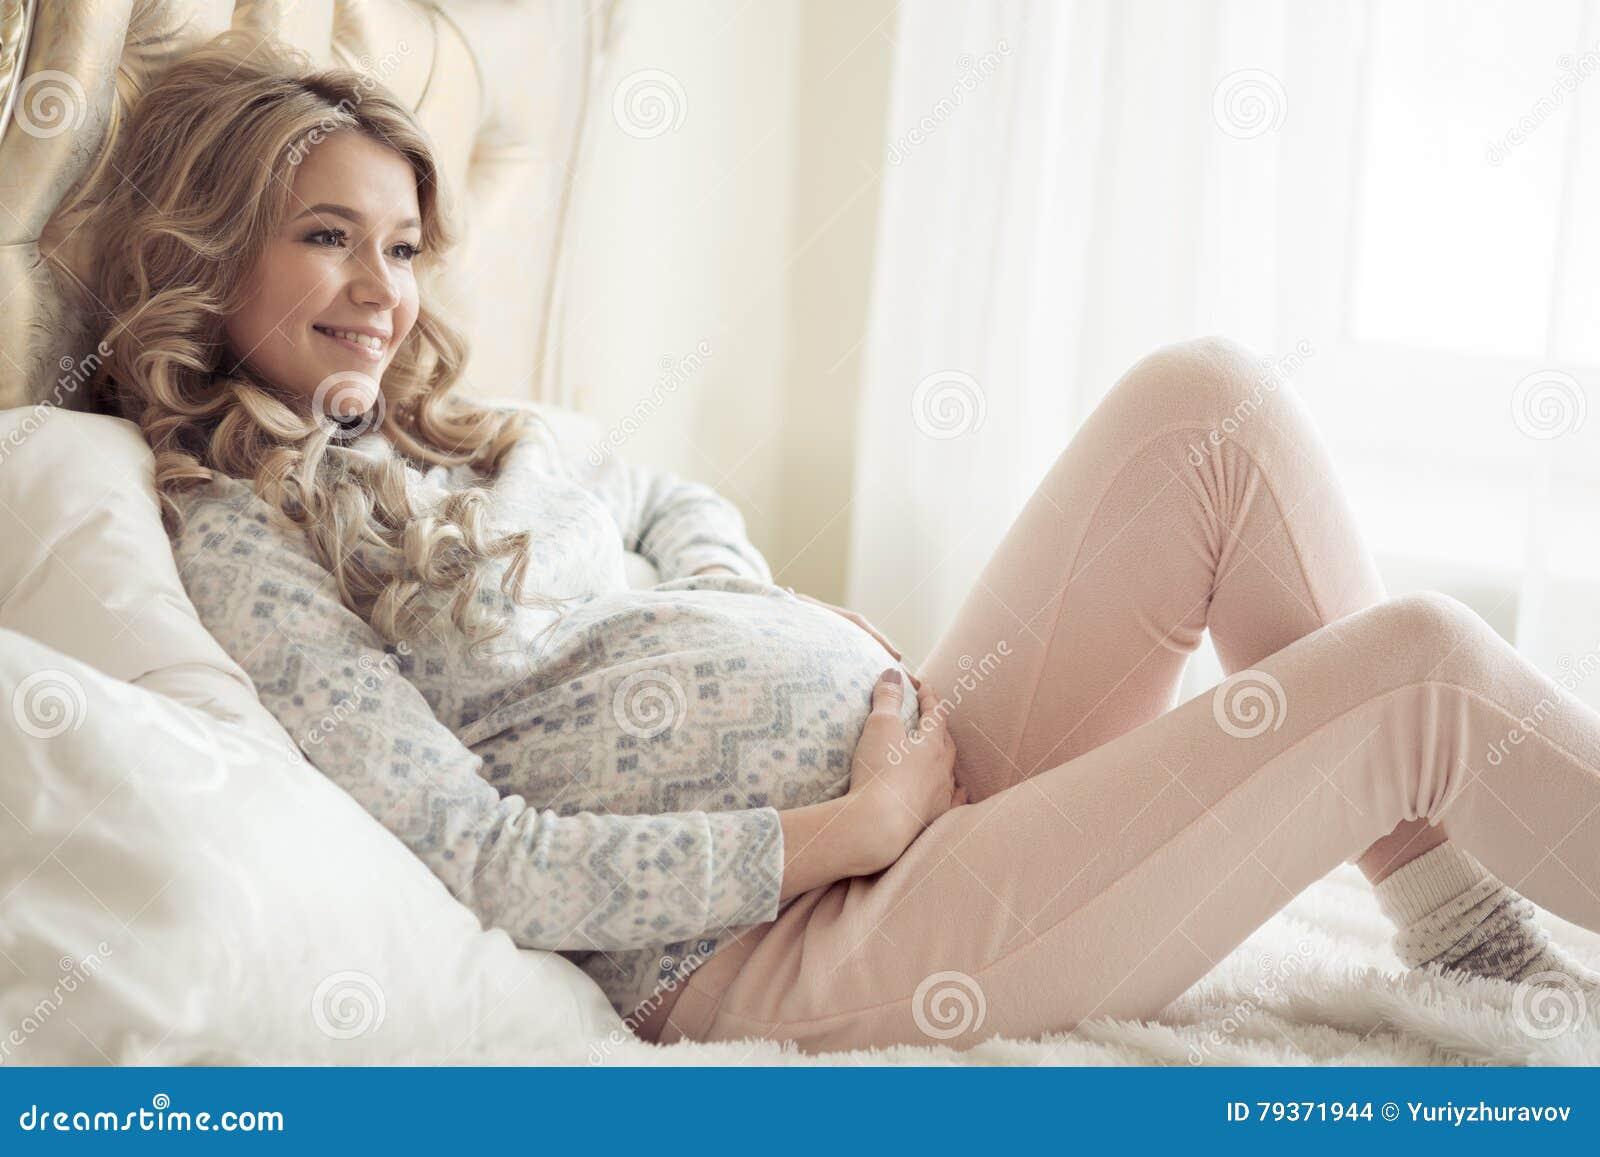 Красивая беременная женщина в уютных одеждах